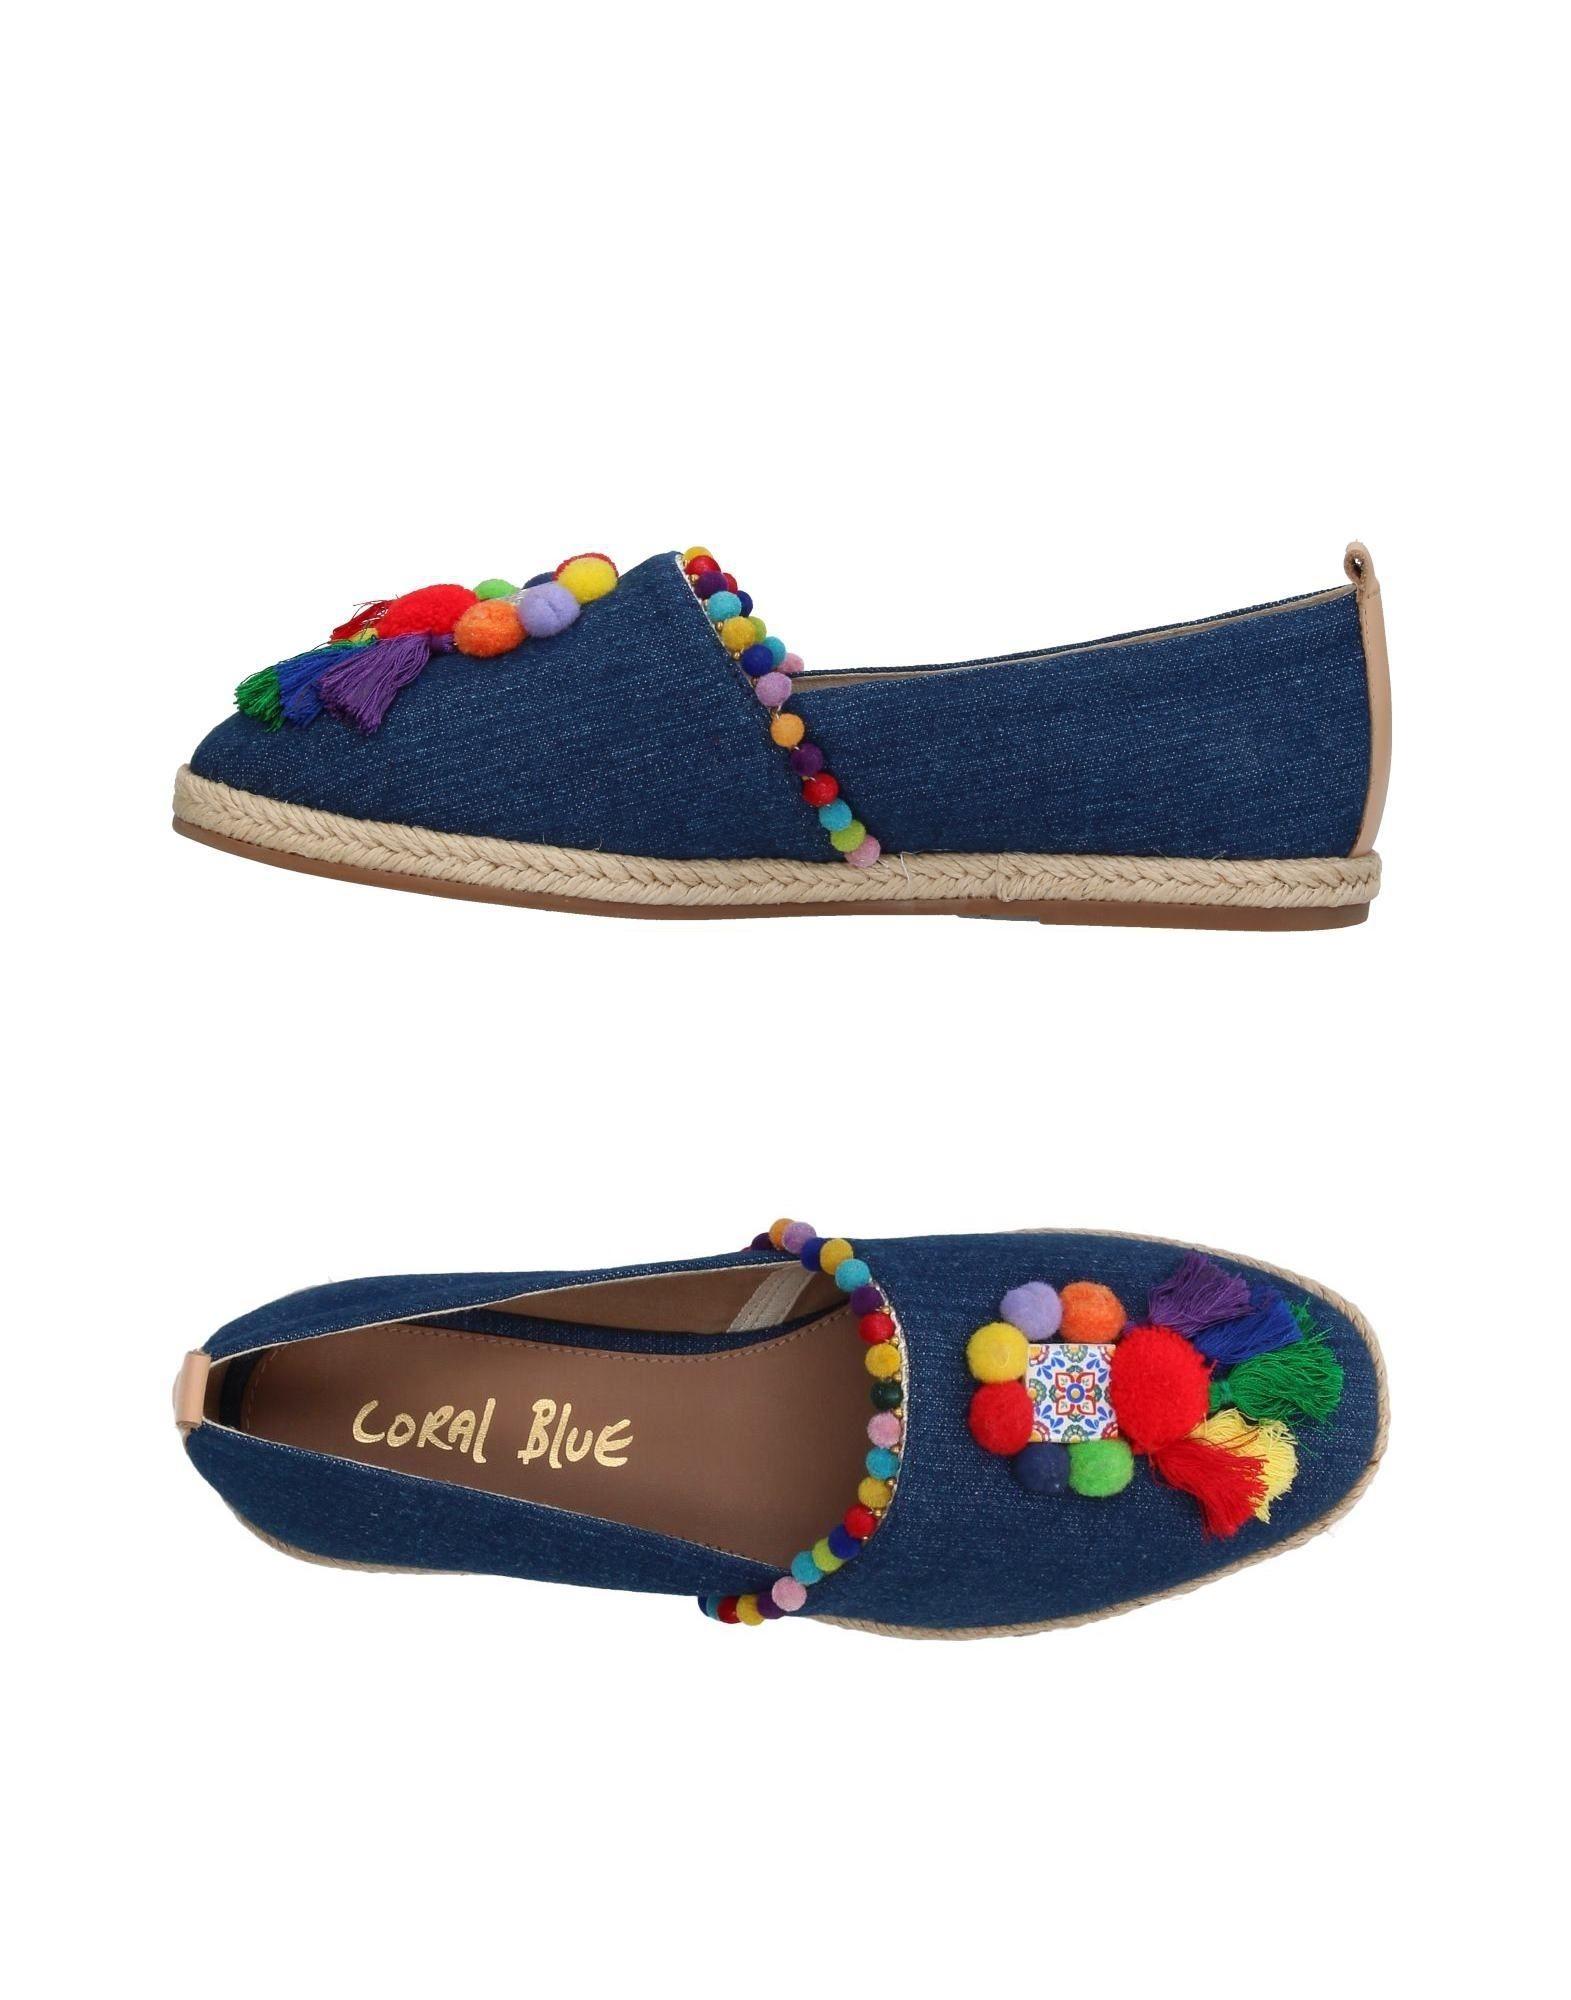 Espadrilles Coral Blue Femme - Espadrilles Coral Blue sur